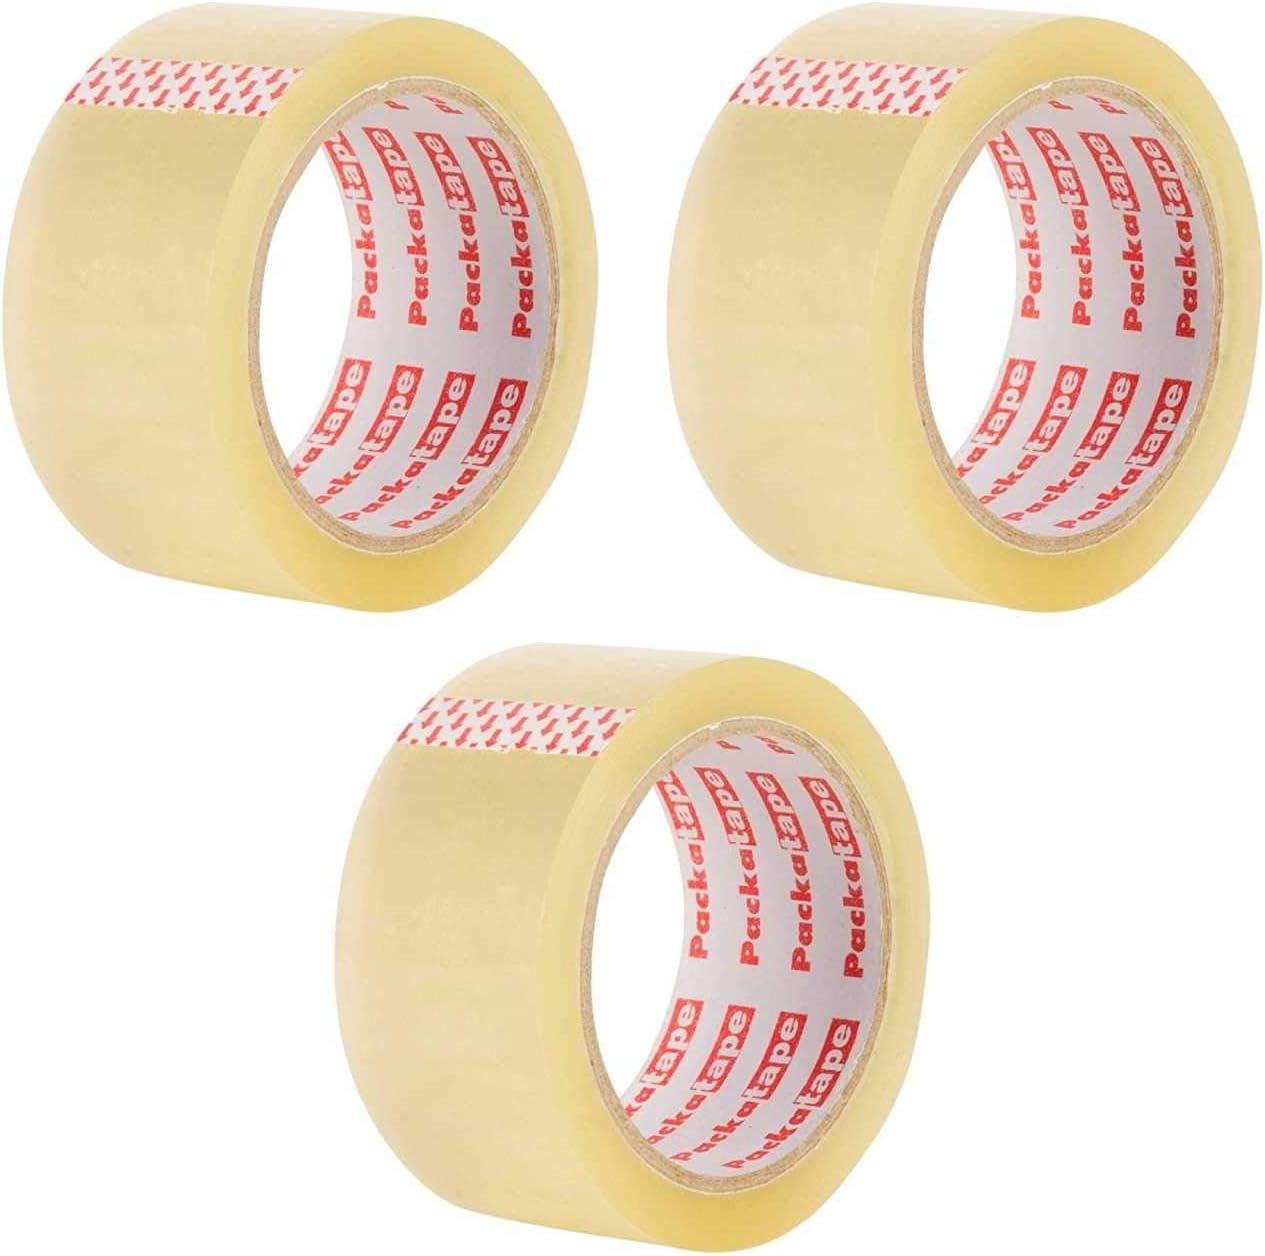 3 Rollos Cinta Embalar Adhesiva 48MMx 66M para Cajas y Paquetes Ideal para Envíos y Mudanzas – Precinto Embalar Extrafuerte y Resistente – Color Transparente